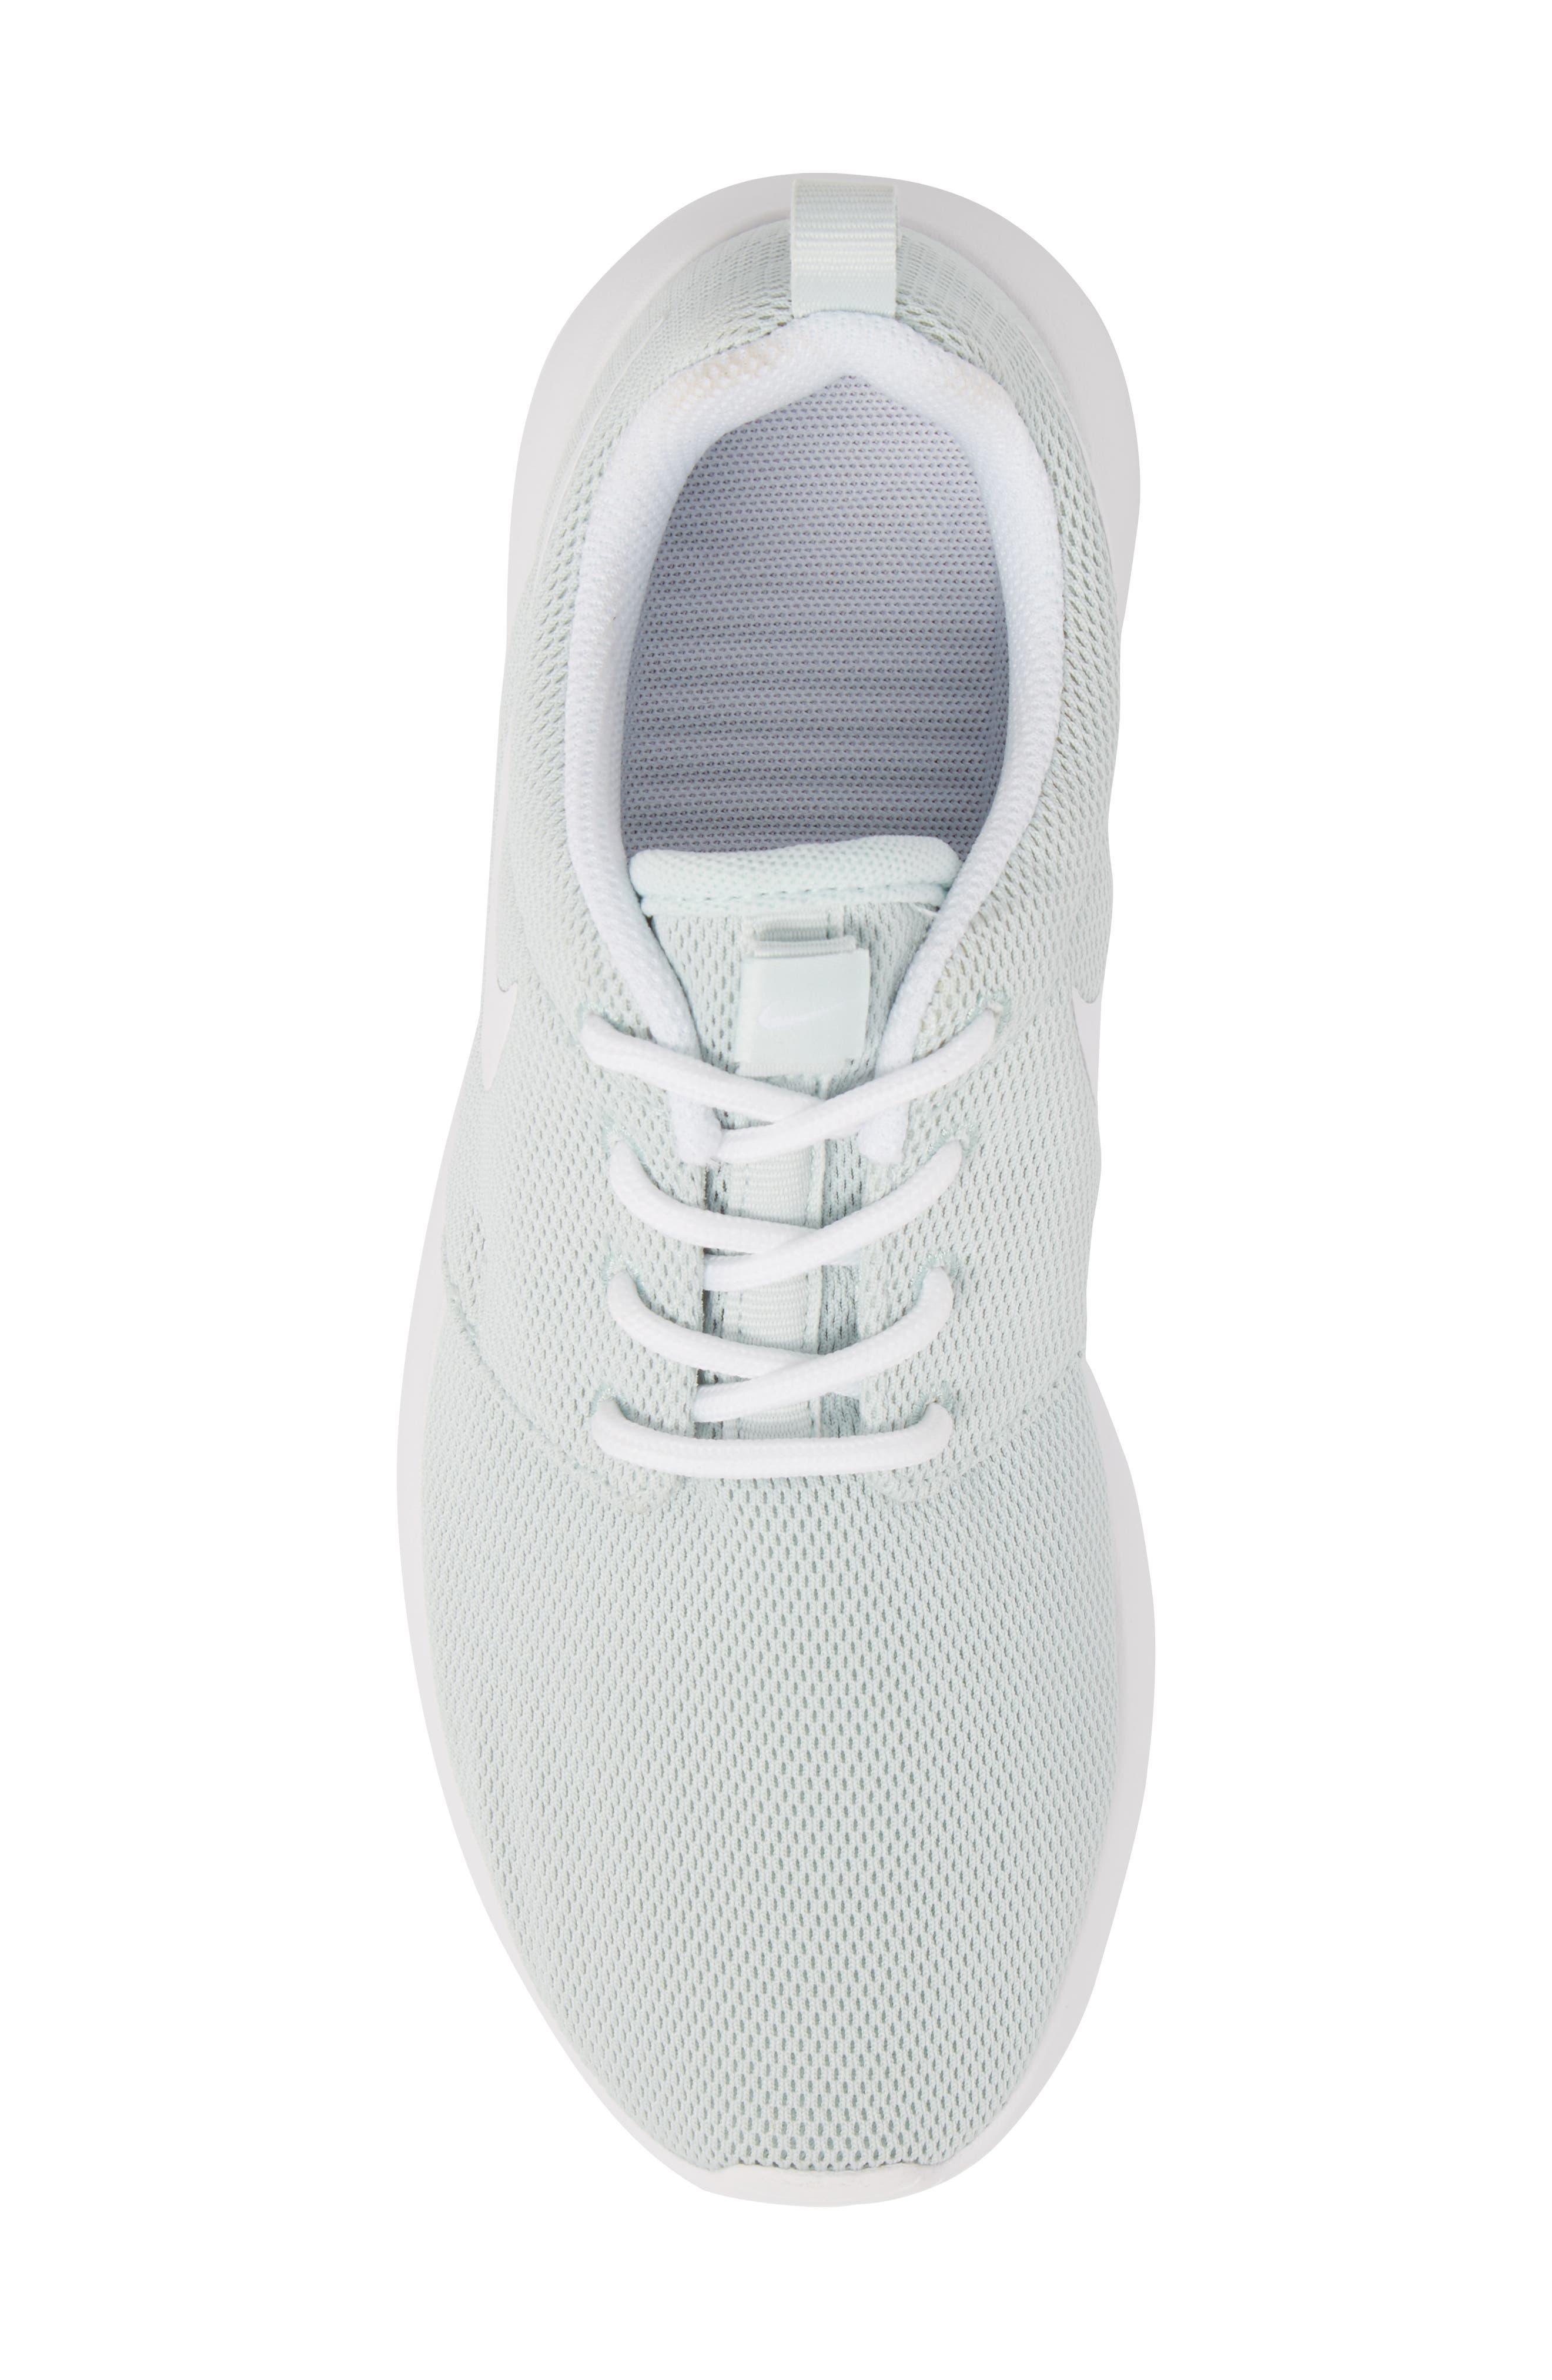 NIKE,                             'Roshe One' Sneaker,                             Alternate thumbnail 5, color,                             303